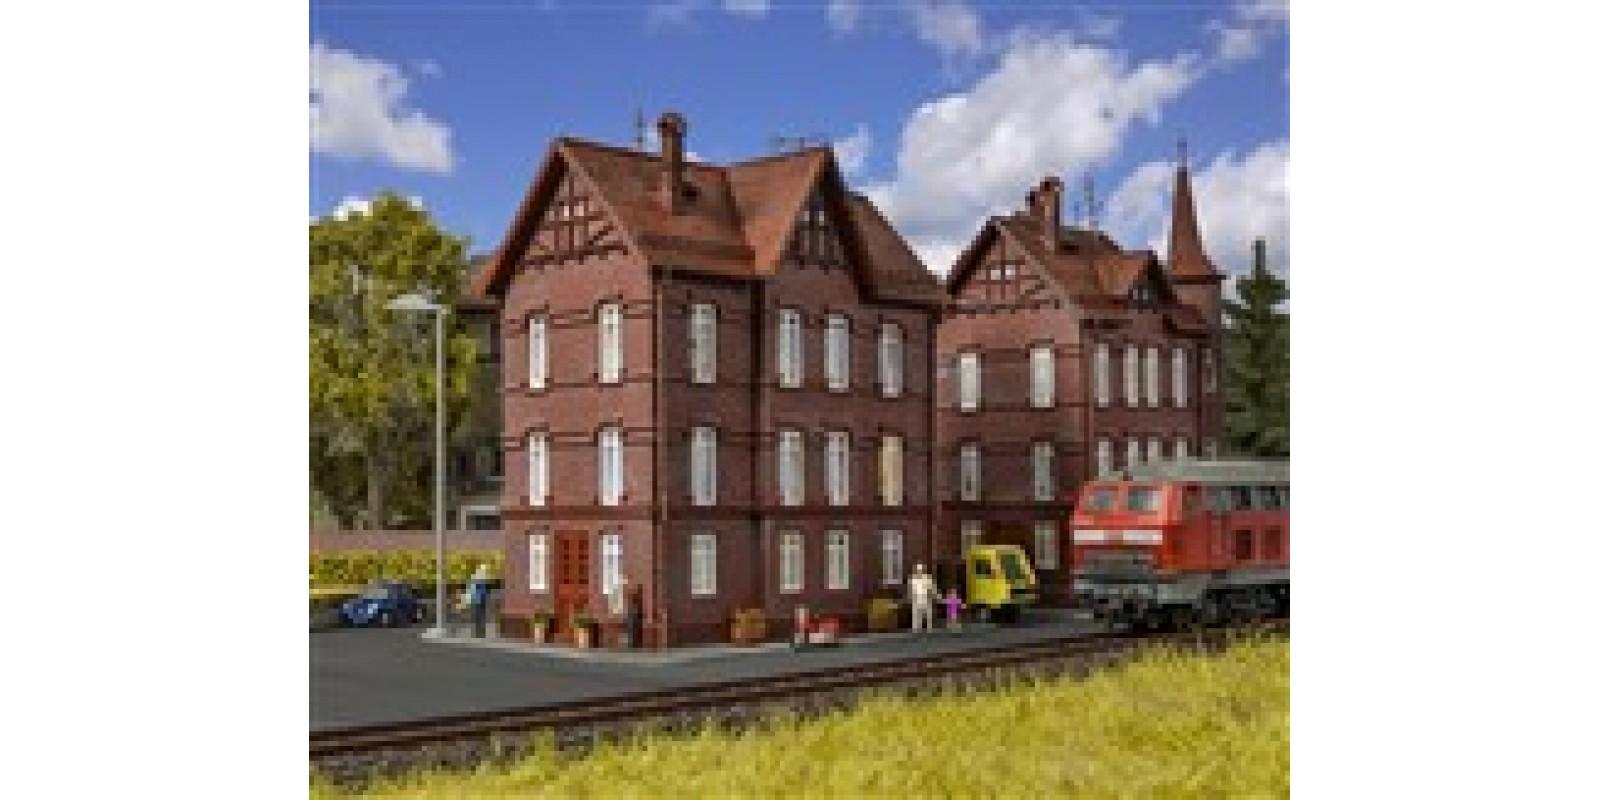 VO43806 H0 Railman`s house with roofridge